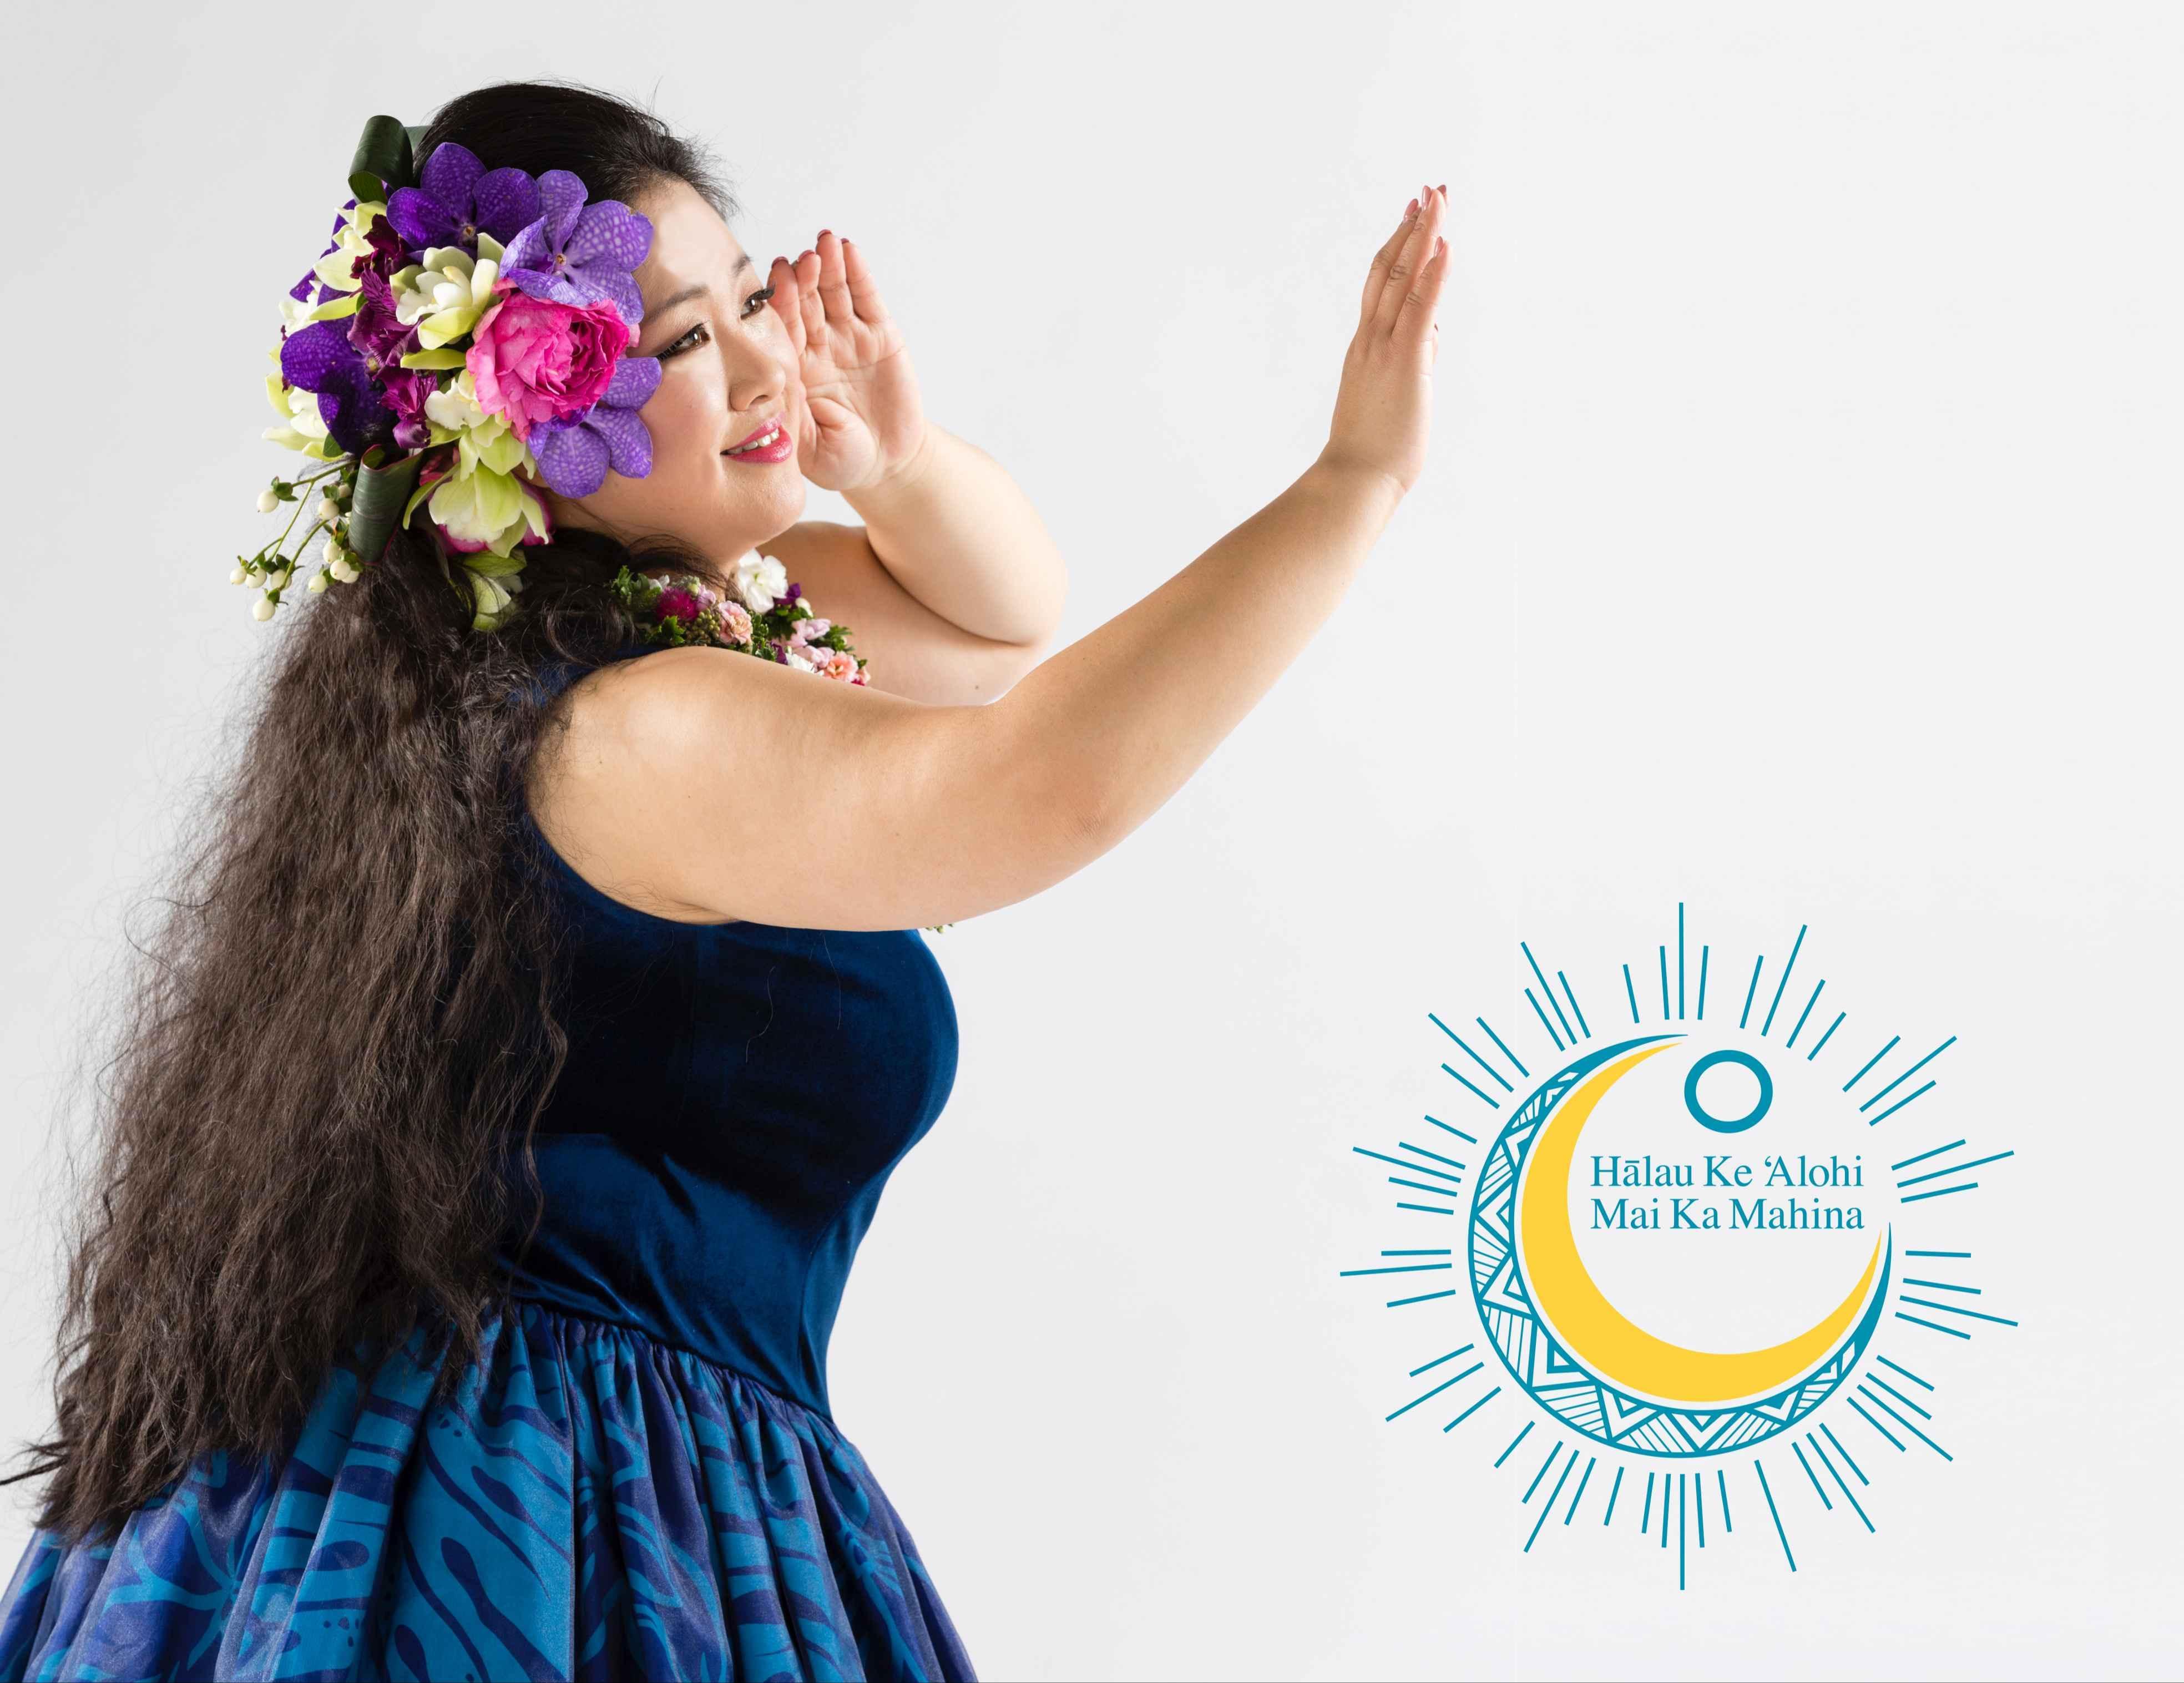 Hālau Ke ʻAlohi Mai Ka Mahina 佐賀校